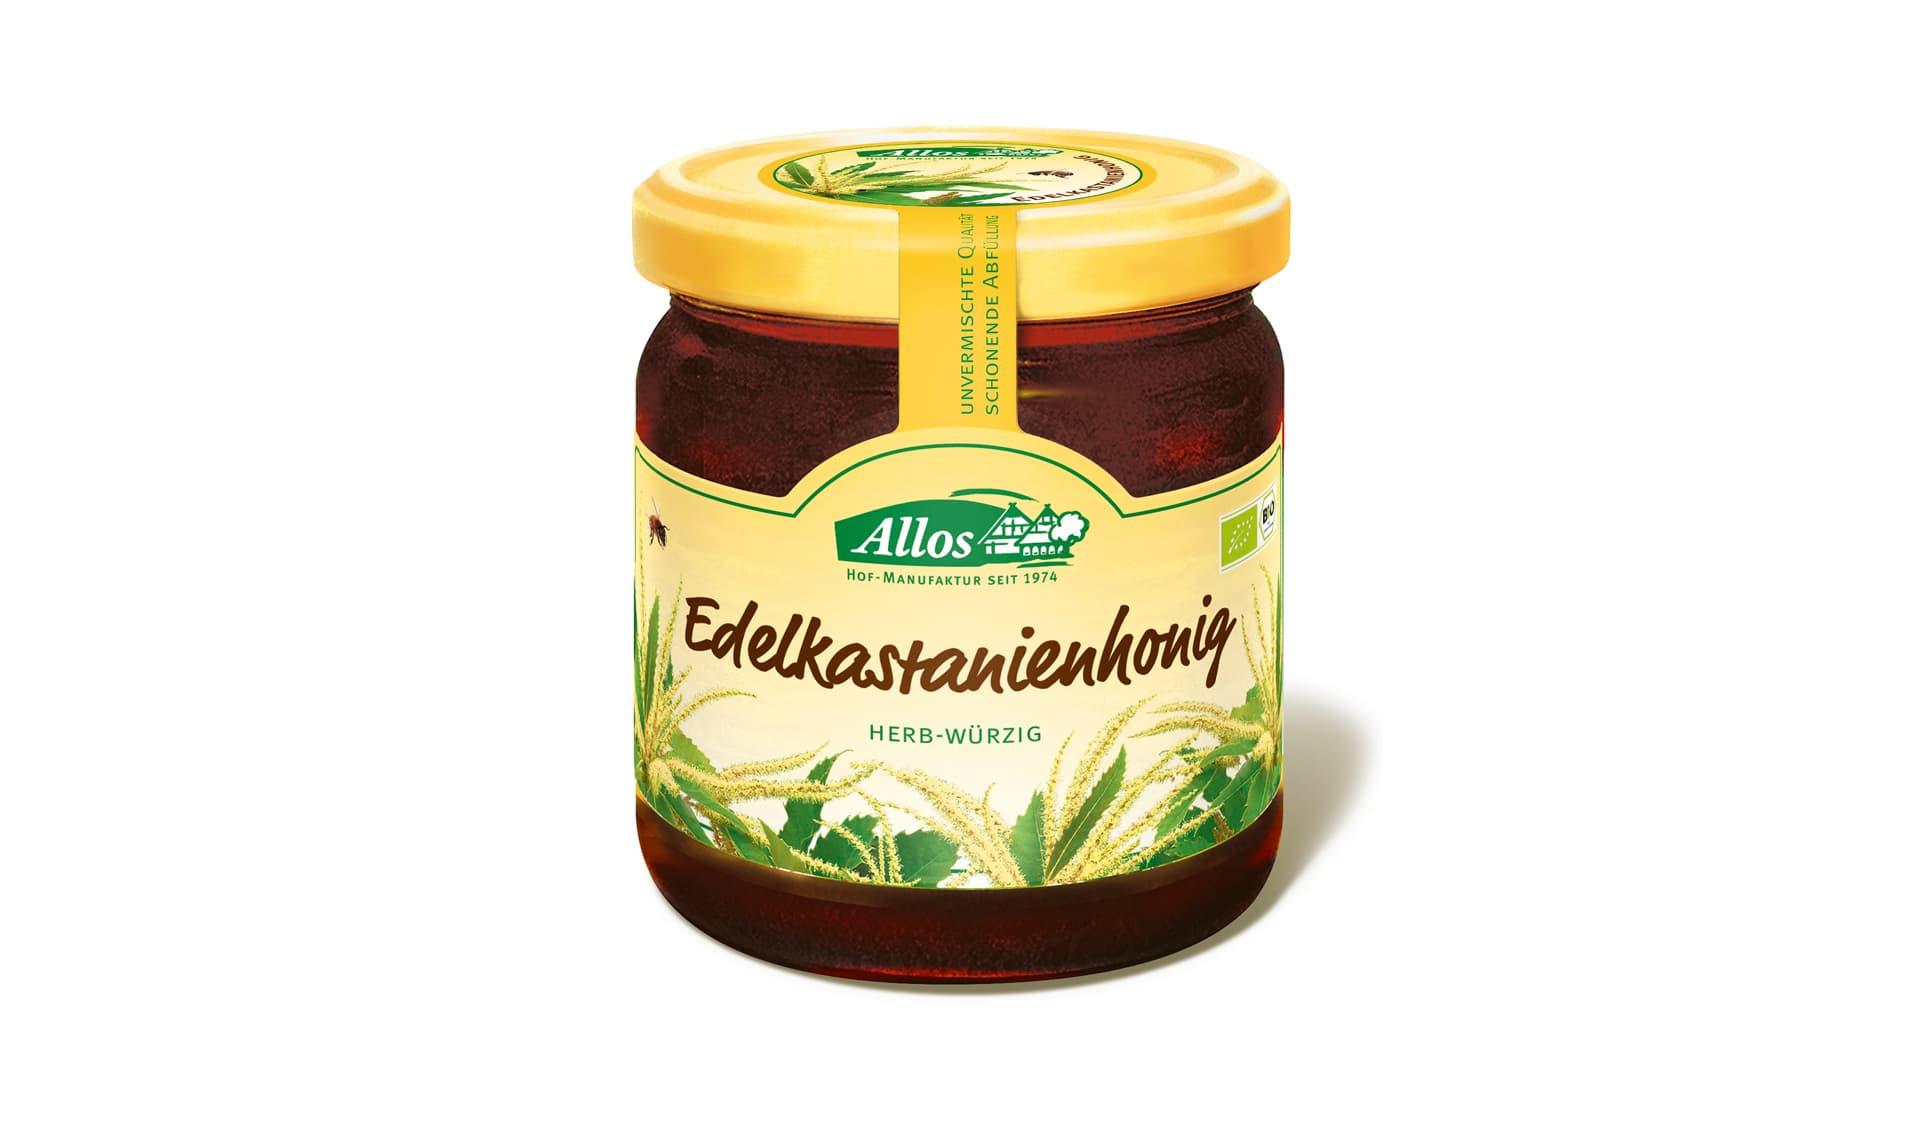 Allos Edelkastanienhonig (www.allos.de)